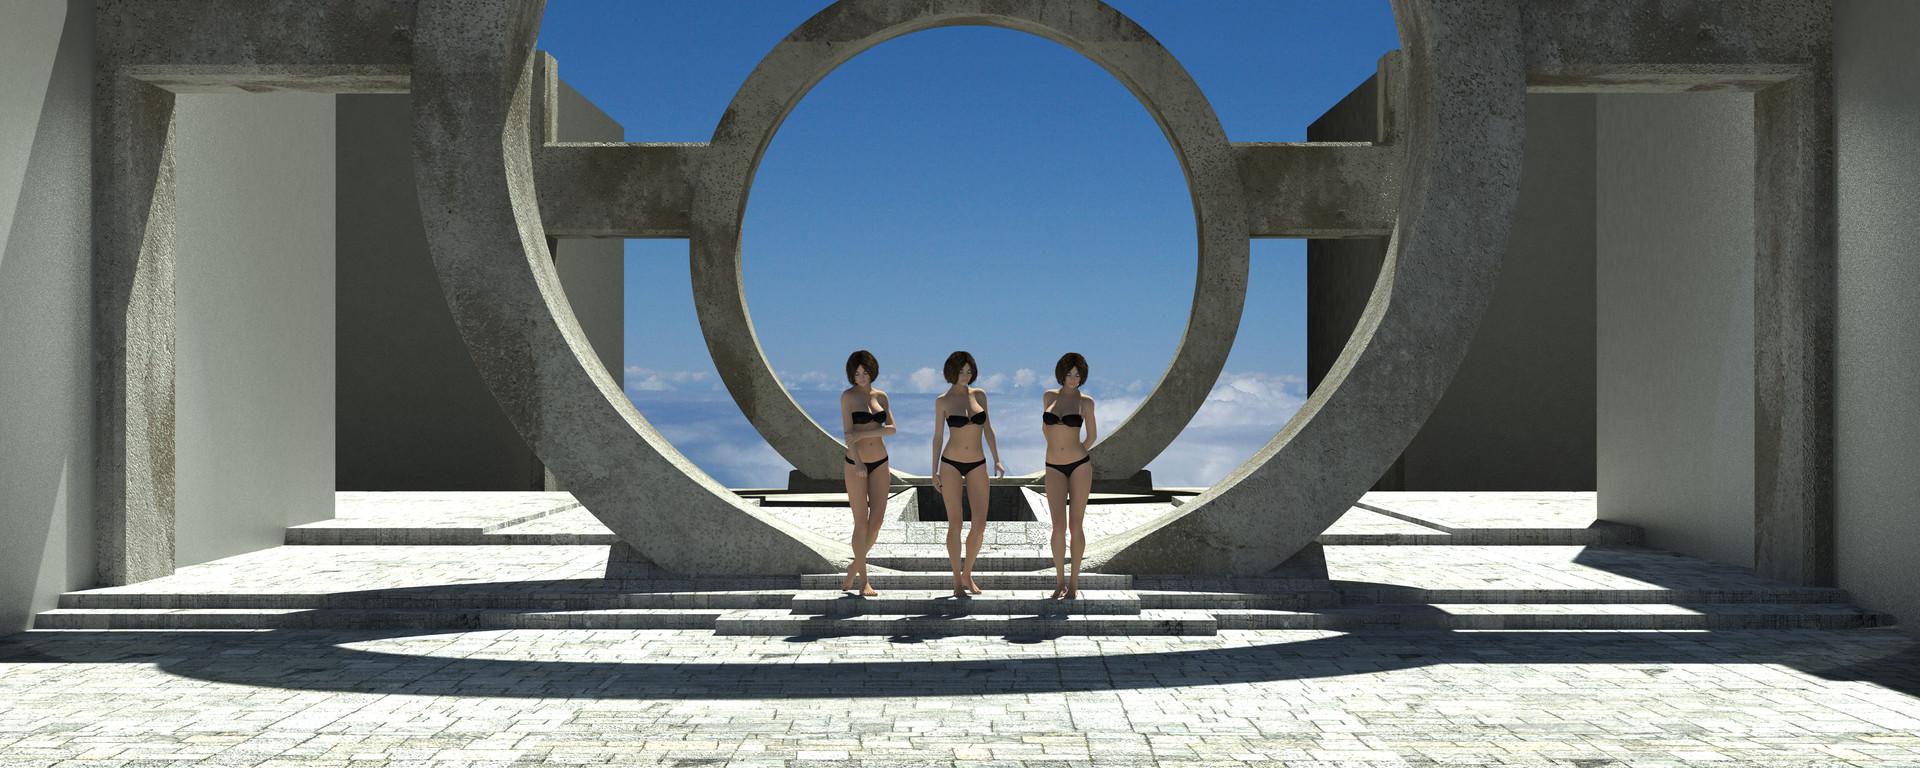 Jason cumbers chinese floating city photoshop begining